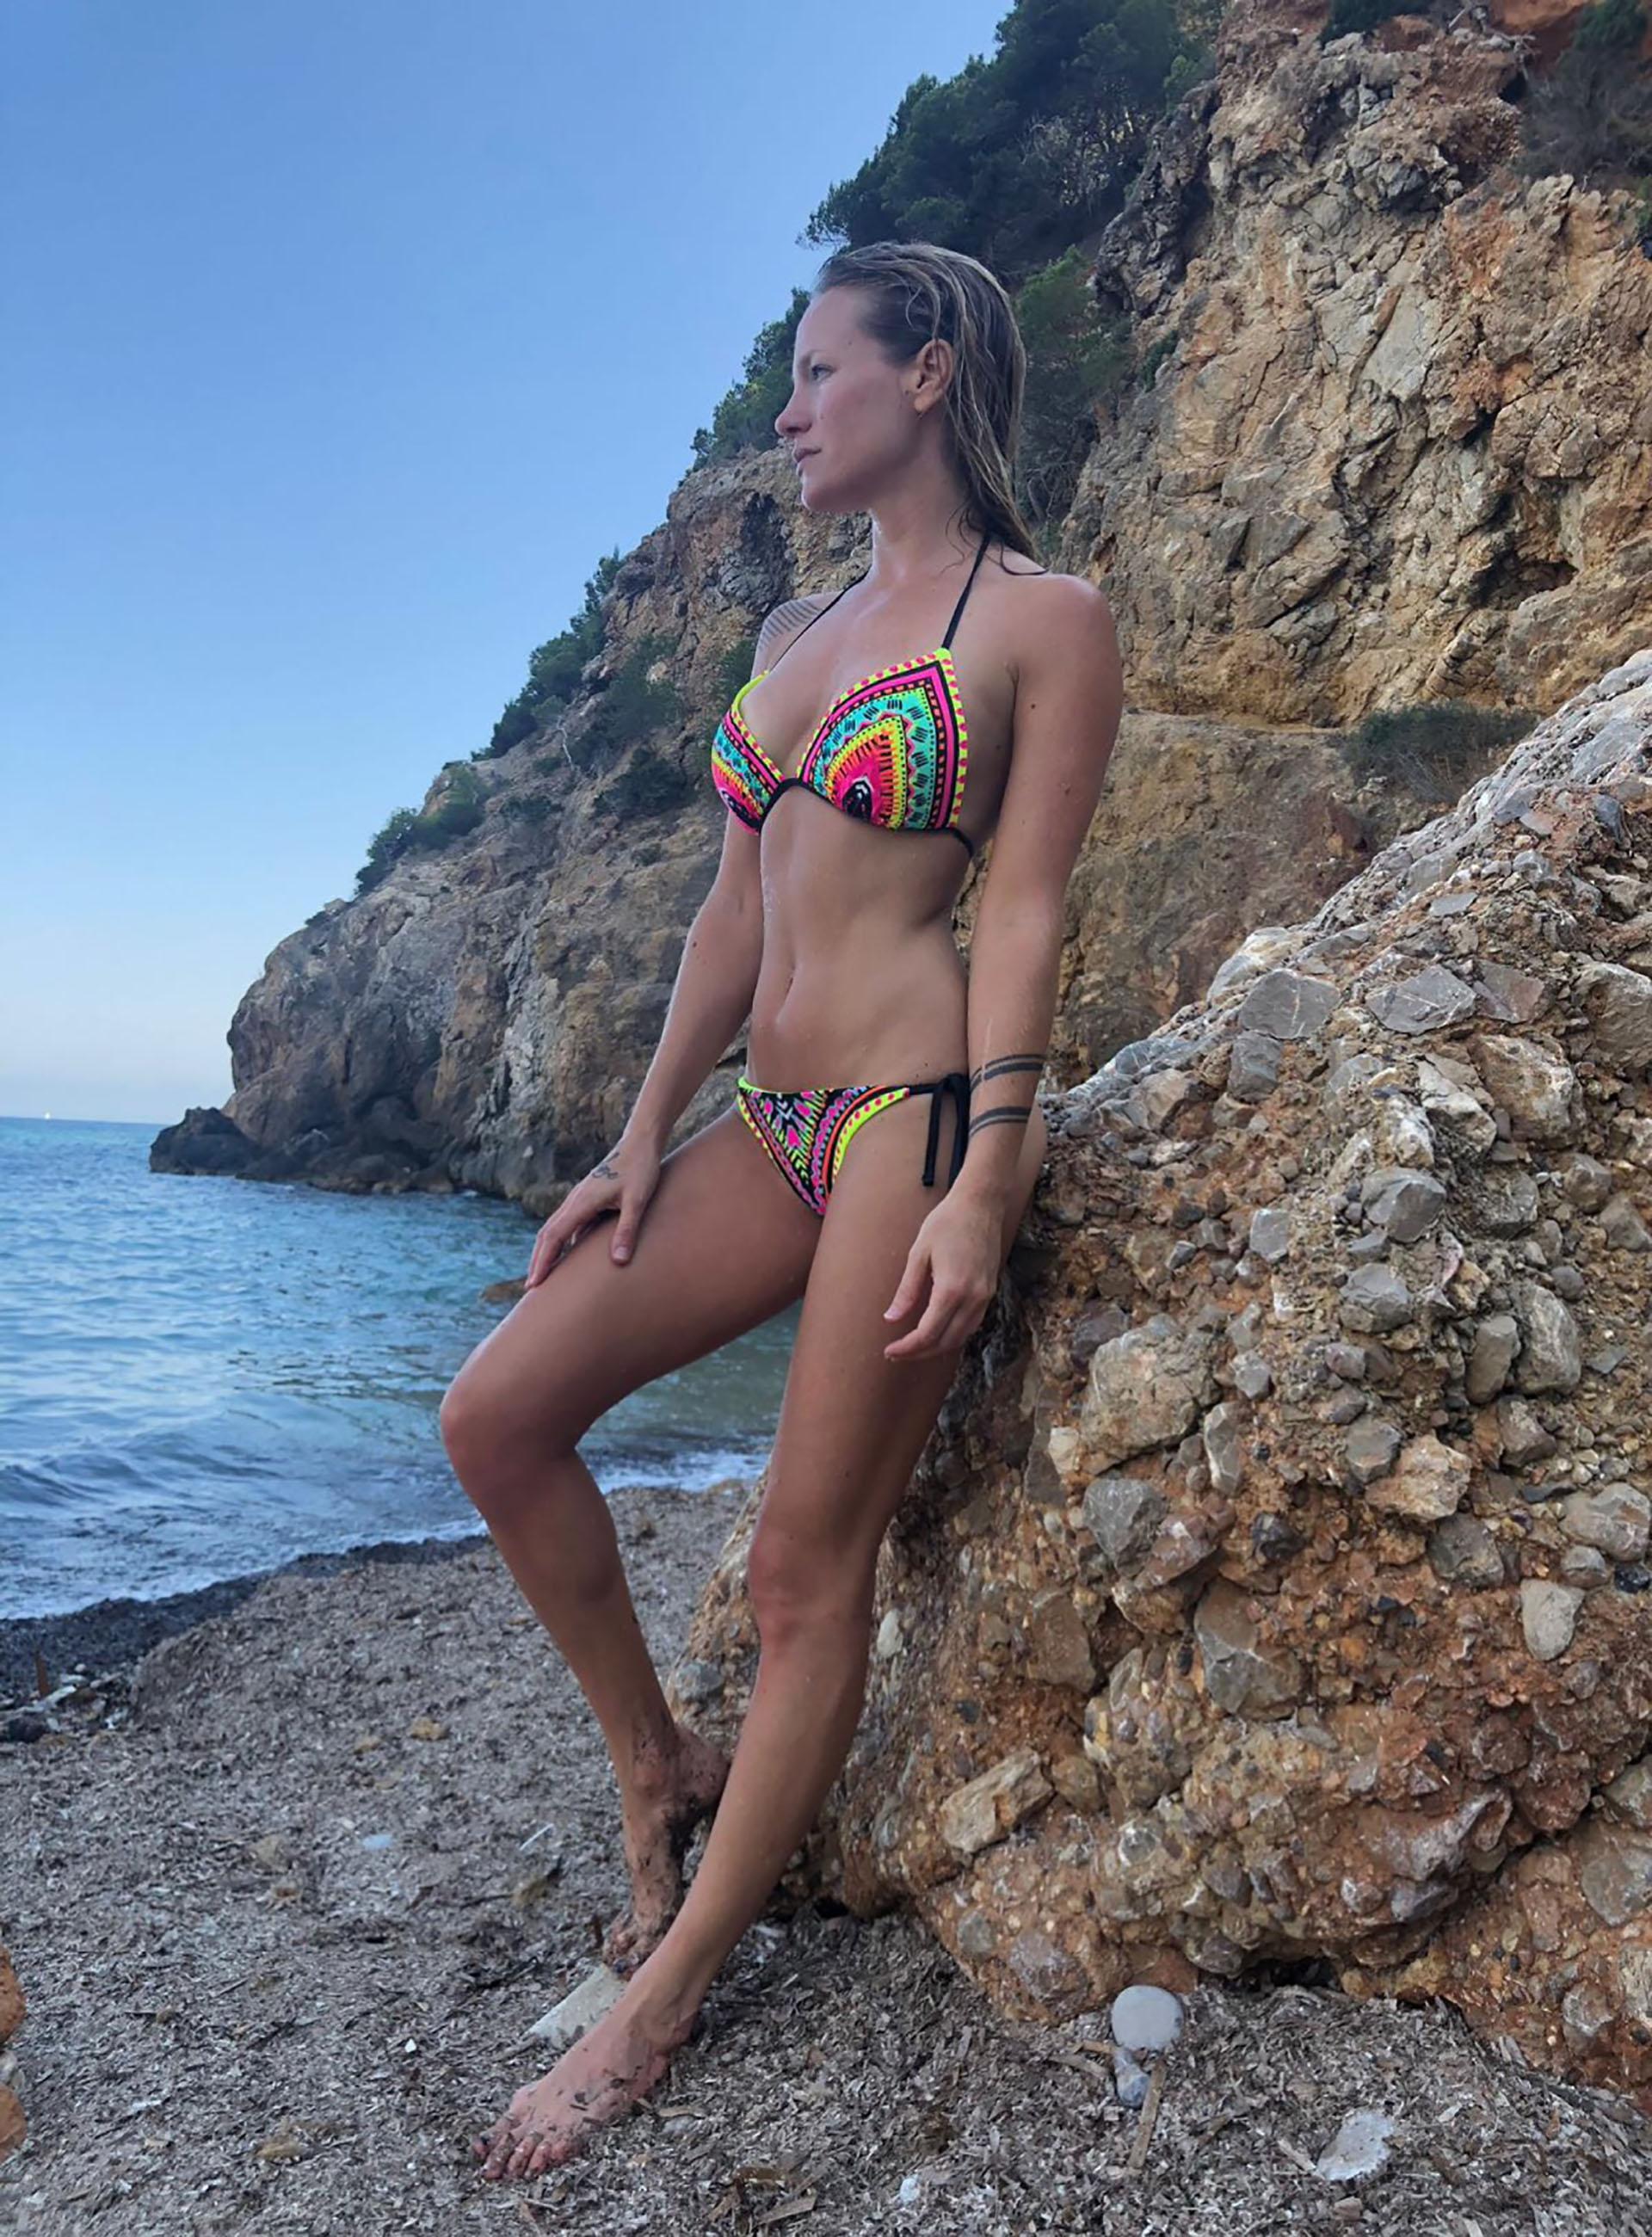 En la temporada de verano europea trabajó en la playa y en fiestas privadas